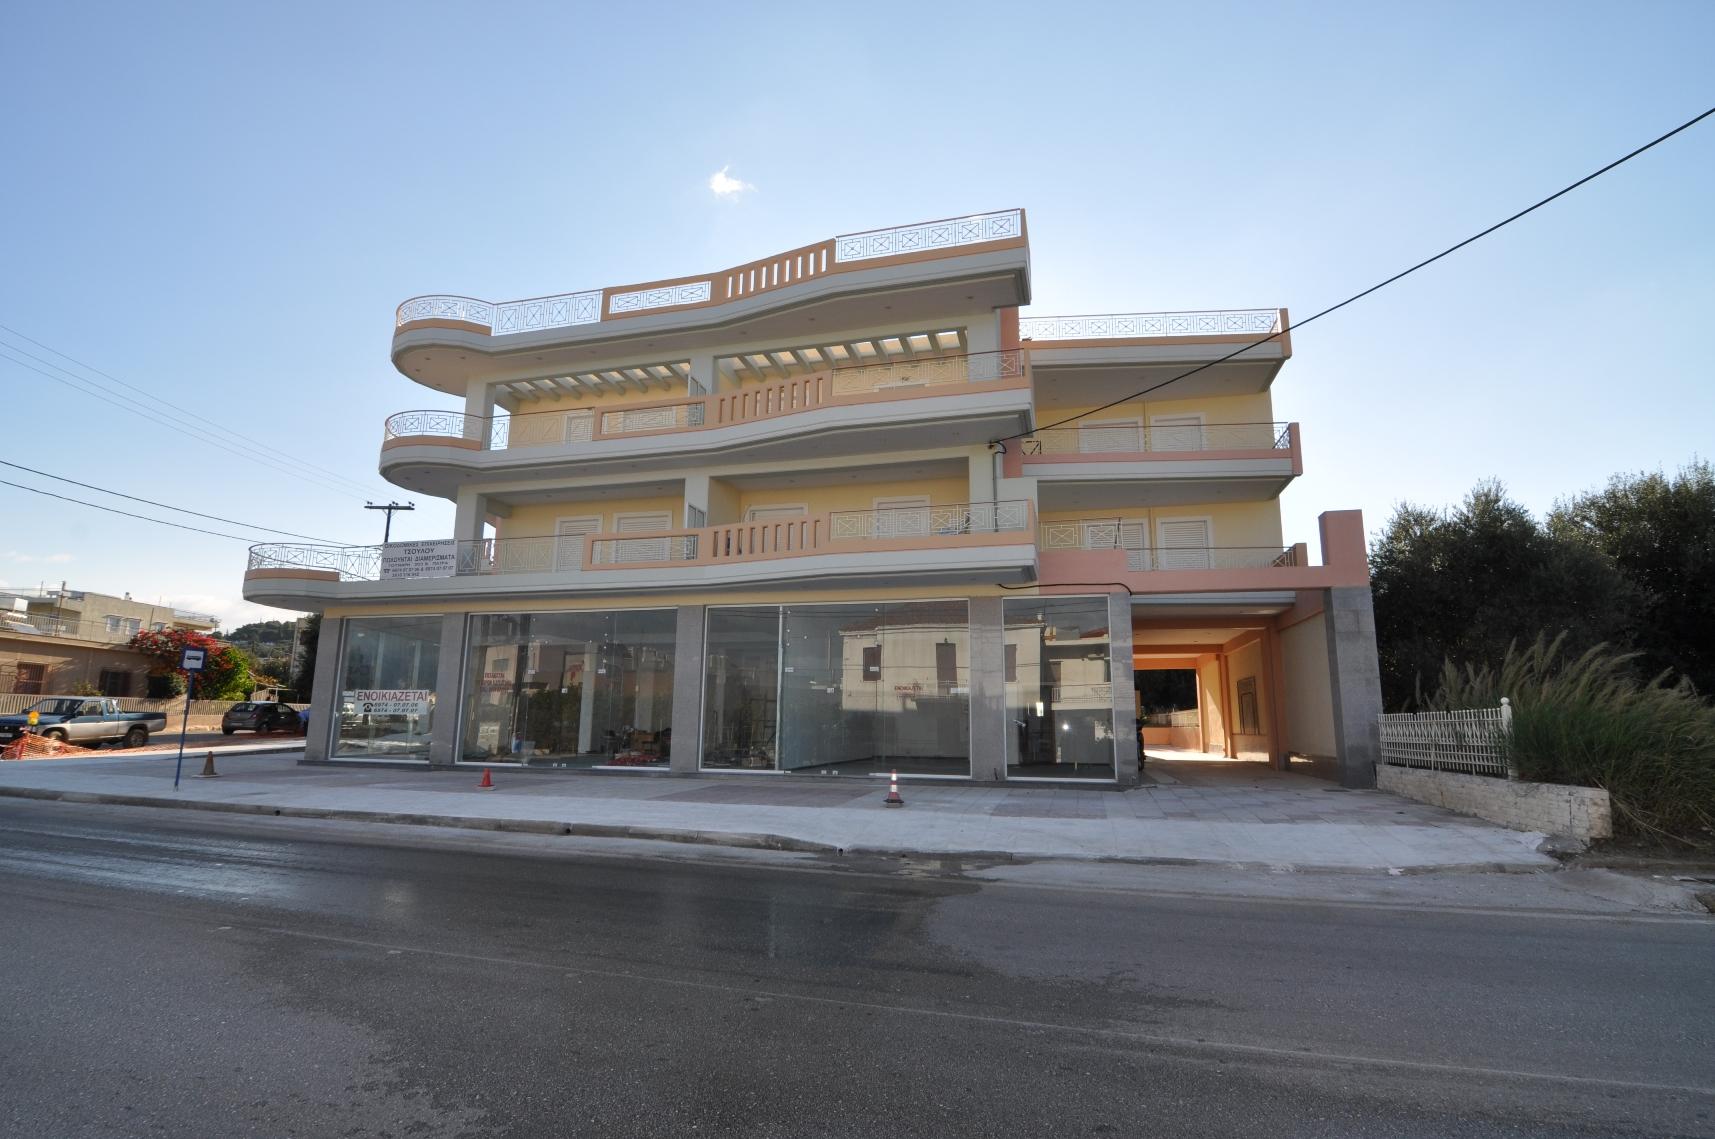 Πανεπιστημίου & Βησσαρίωνος: Καταστήματα ισογείου